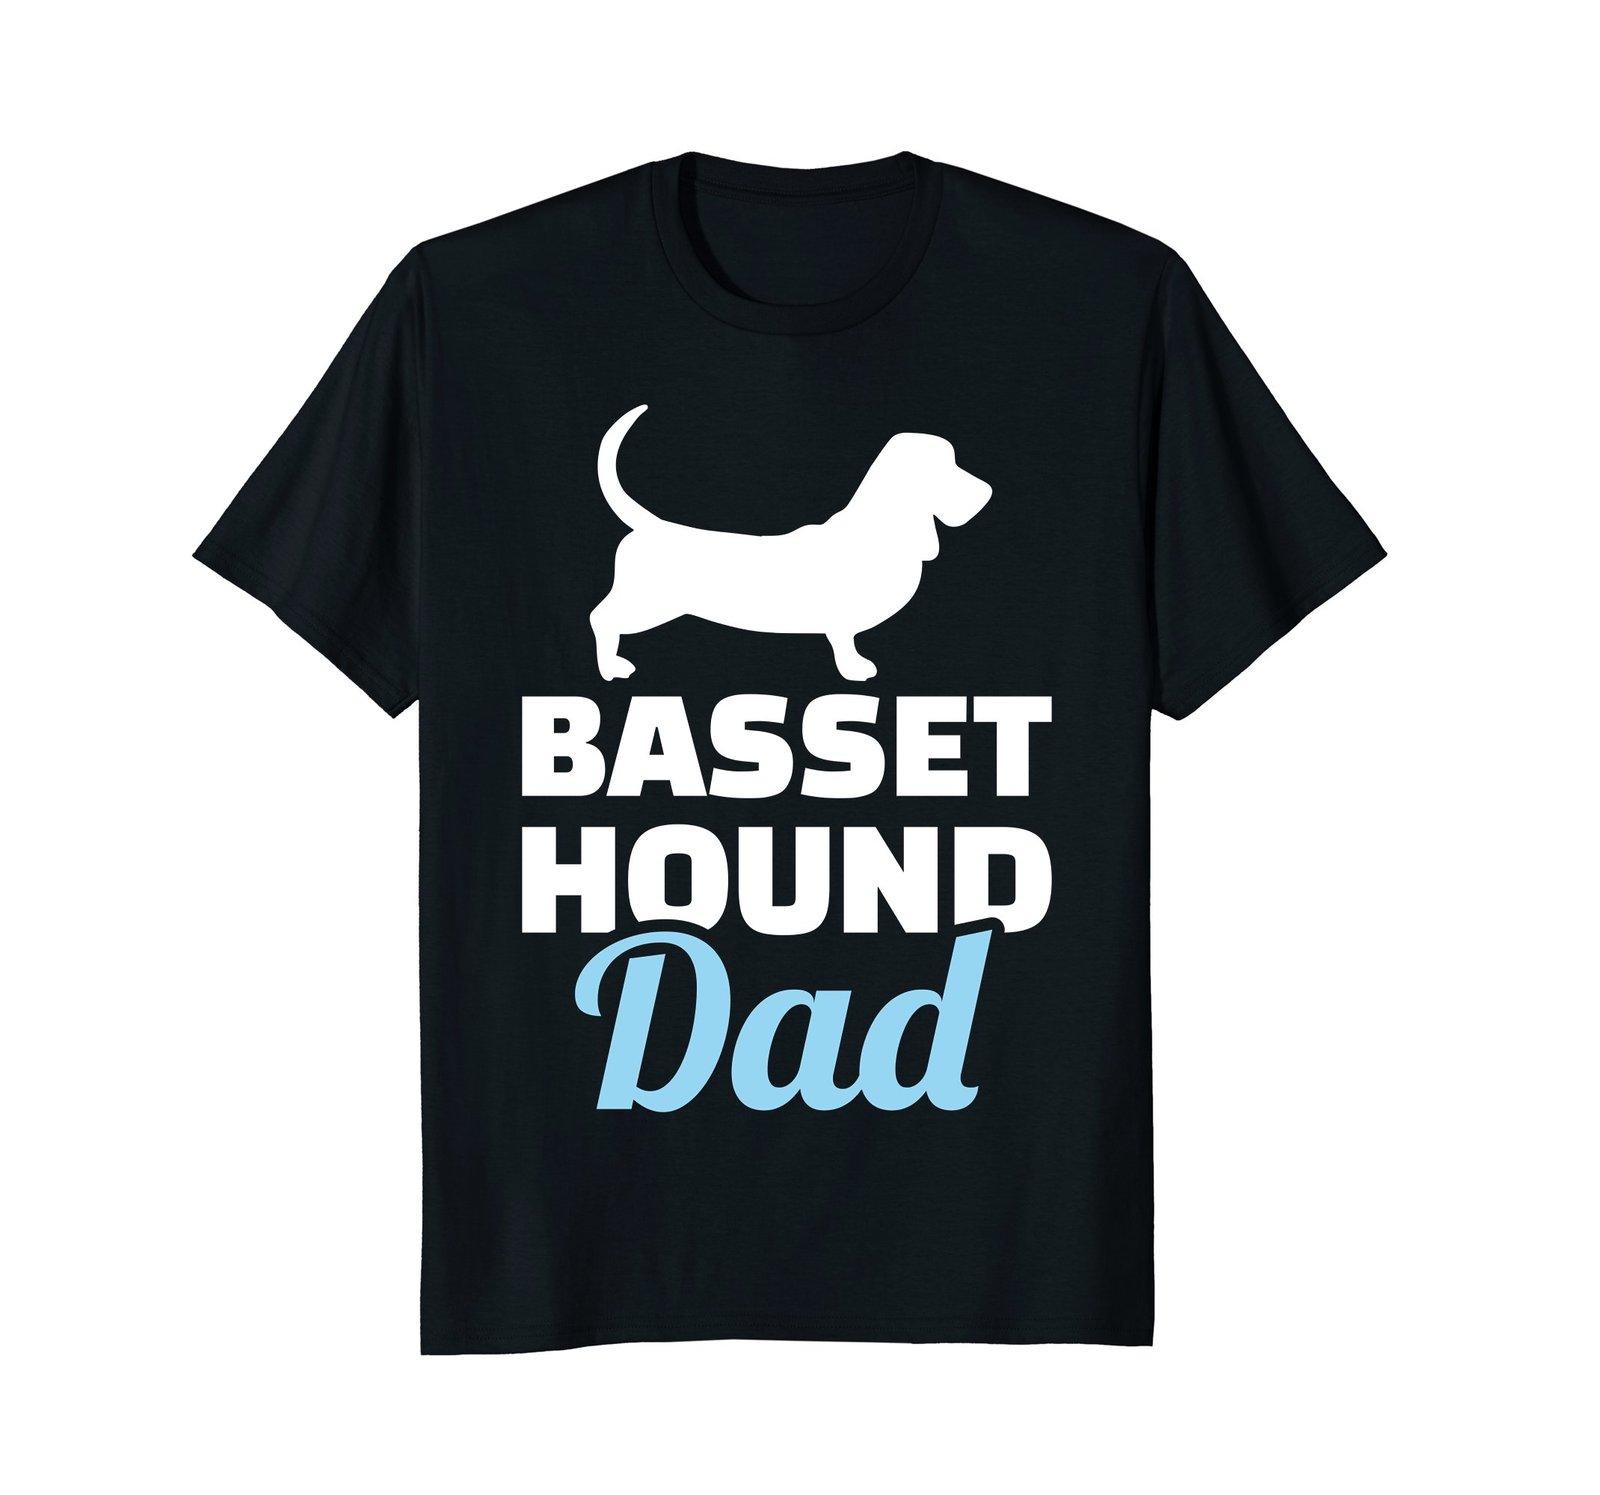 Mens Basset hound dad T-Shirt